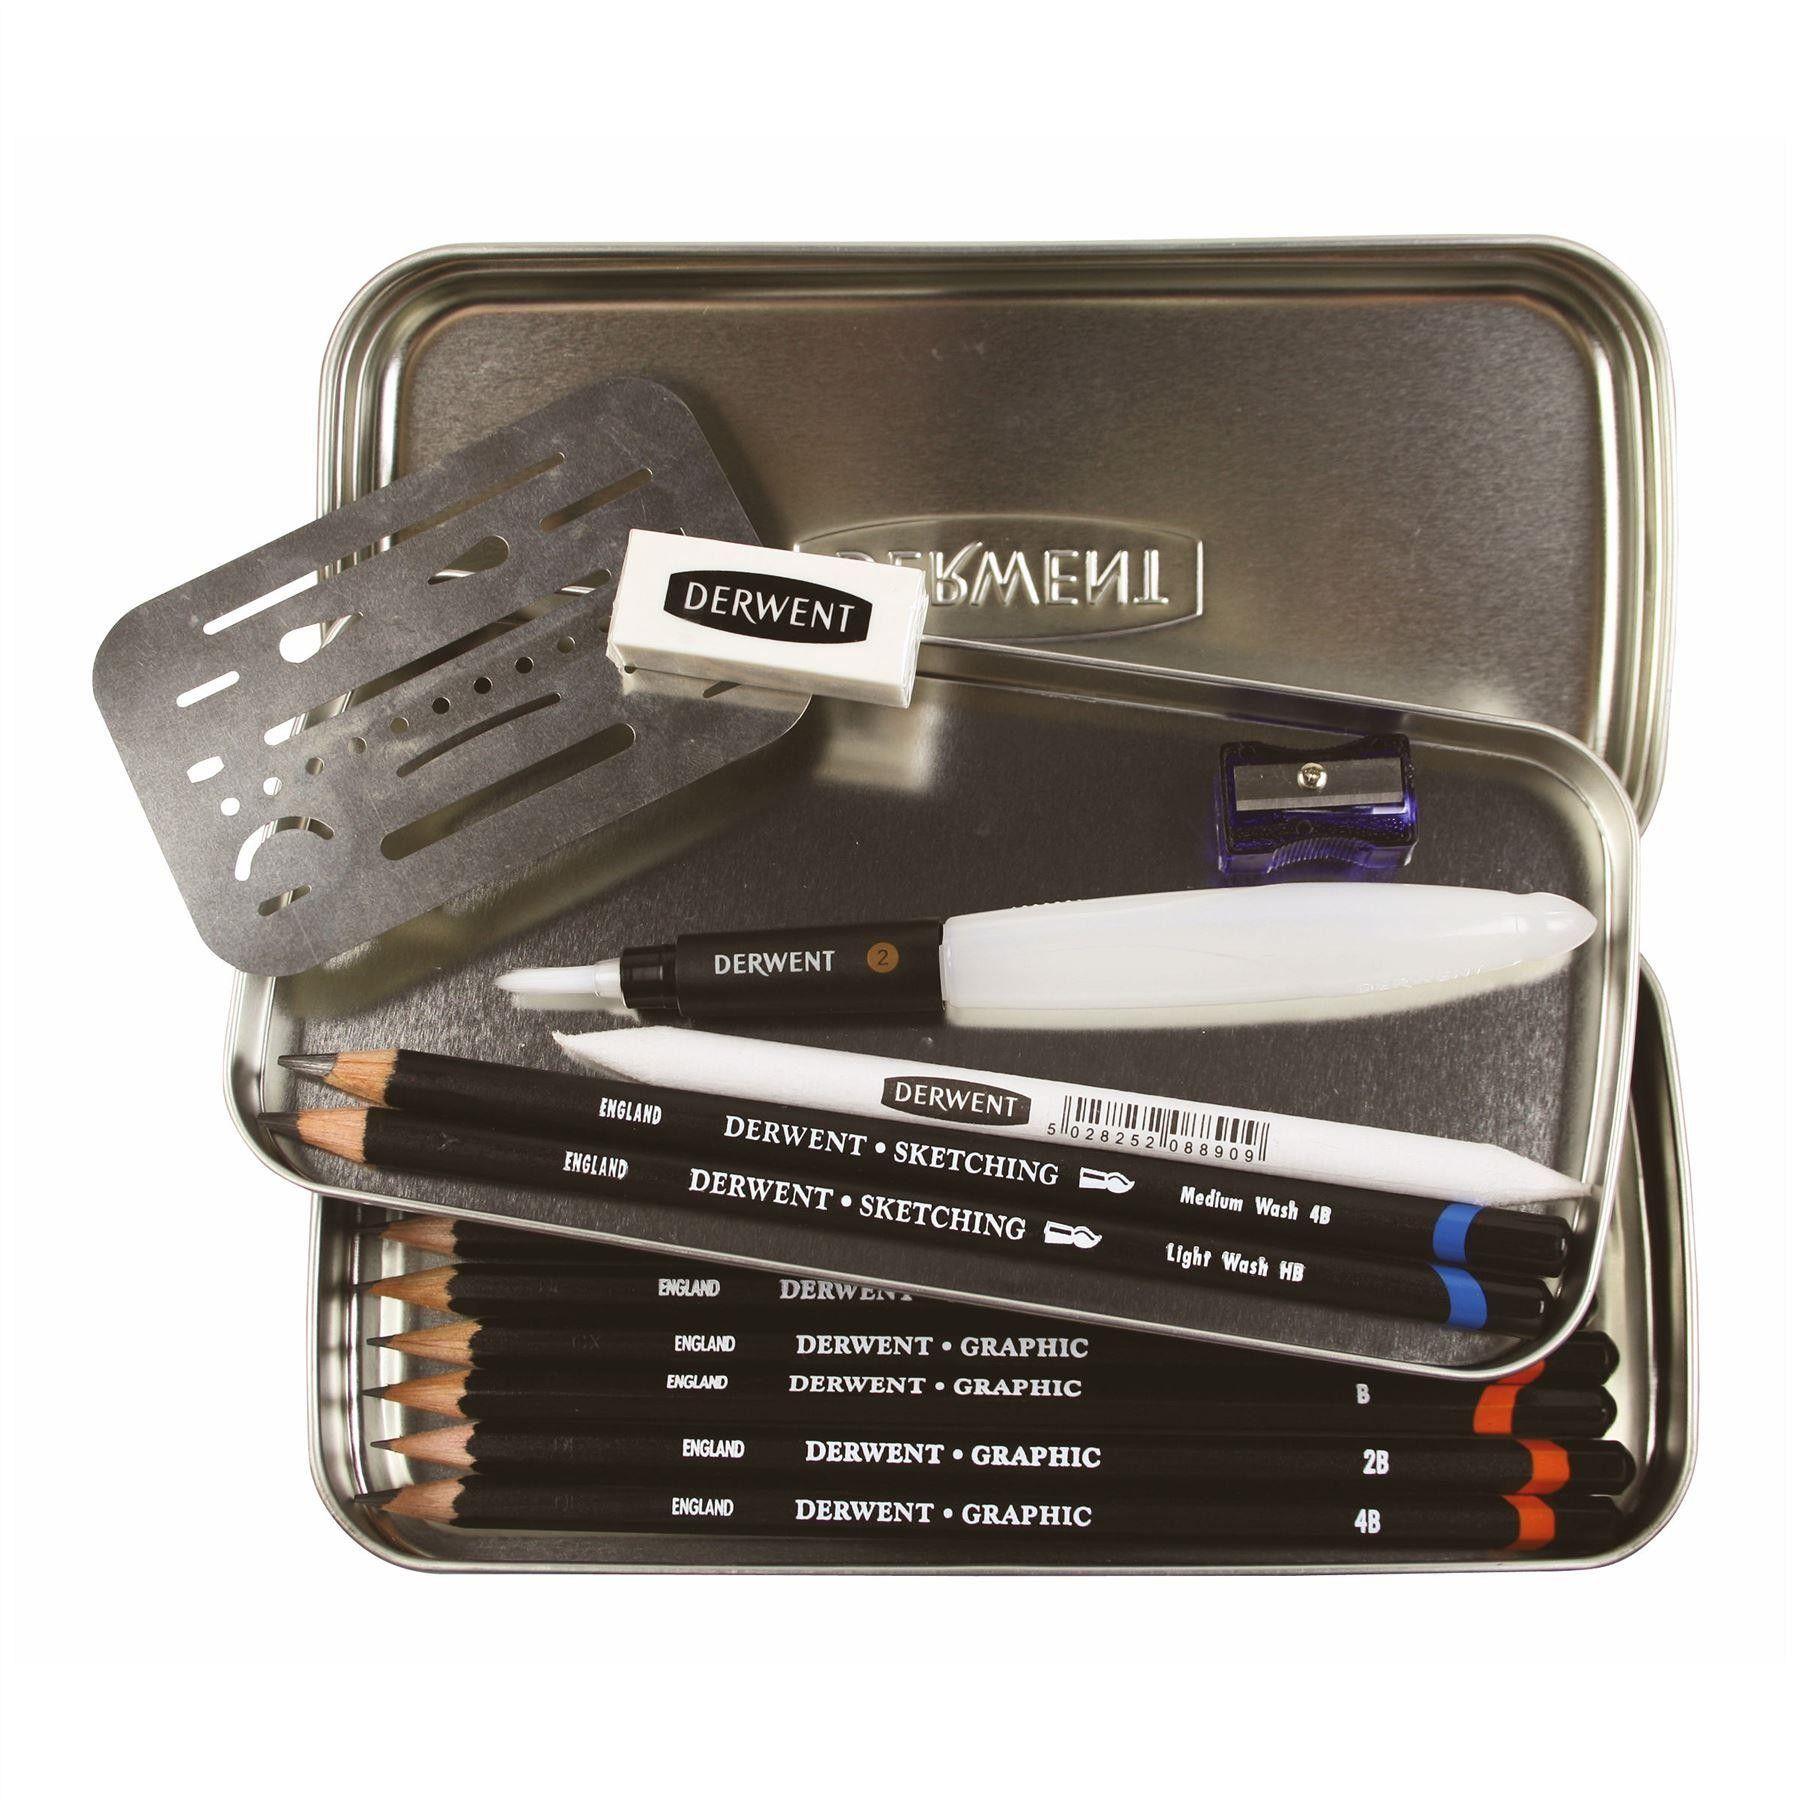 Derwent Professional Art Graphic HB /& 2B Pencils /& 2 in 1 Sharpener /& Eraser Set